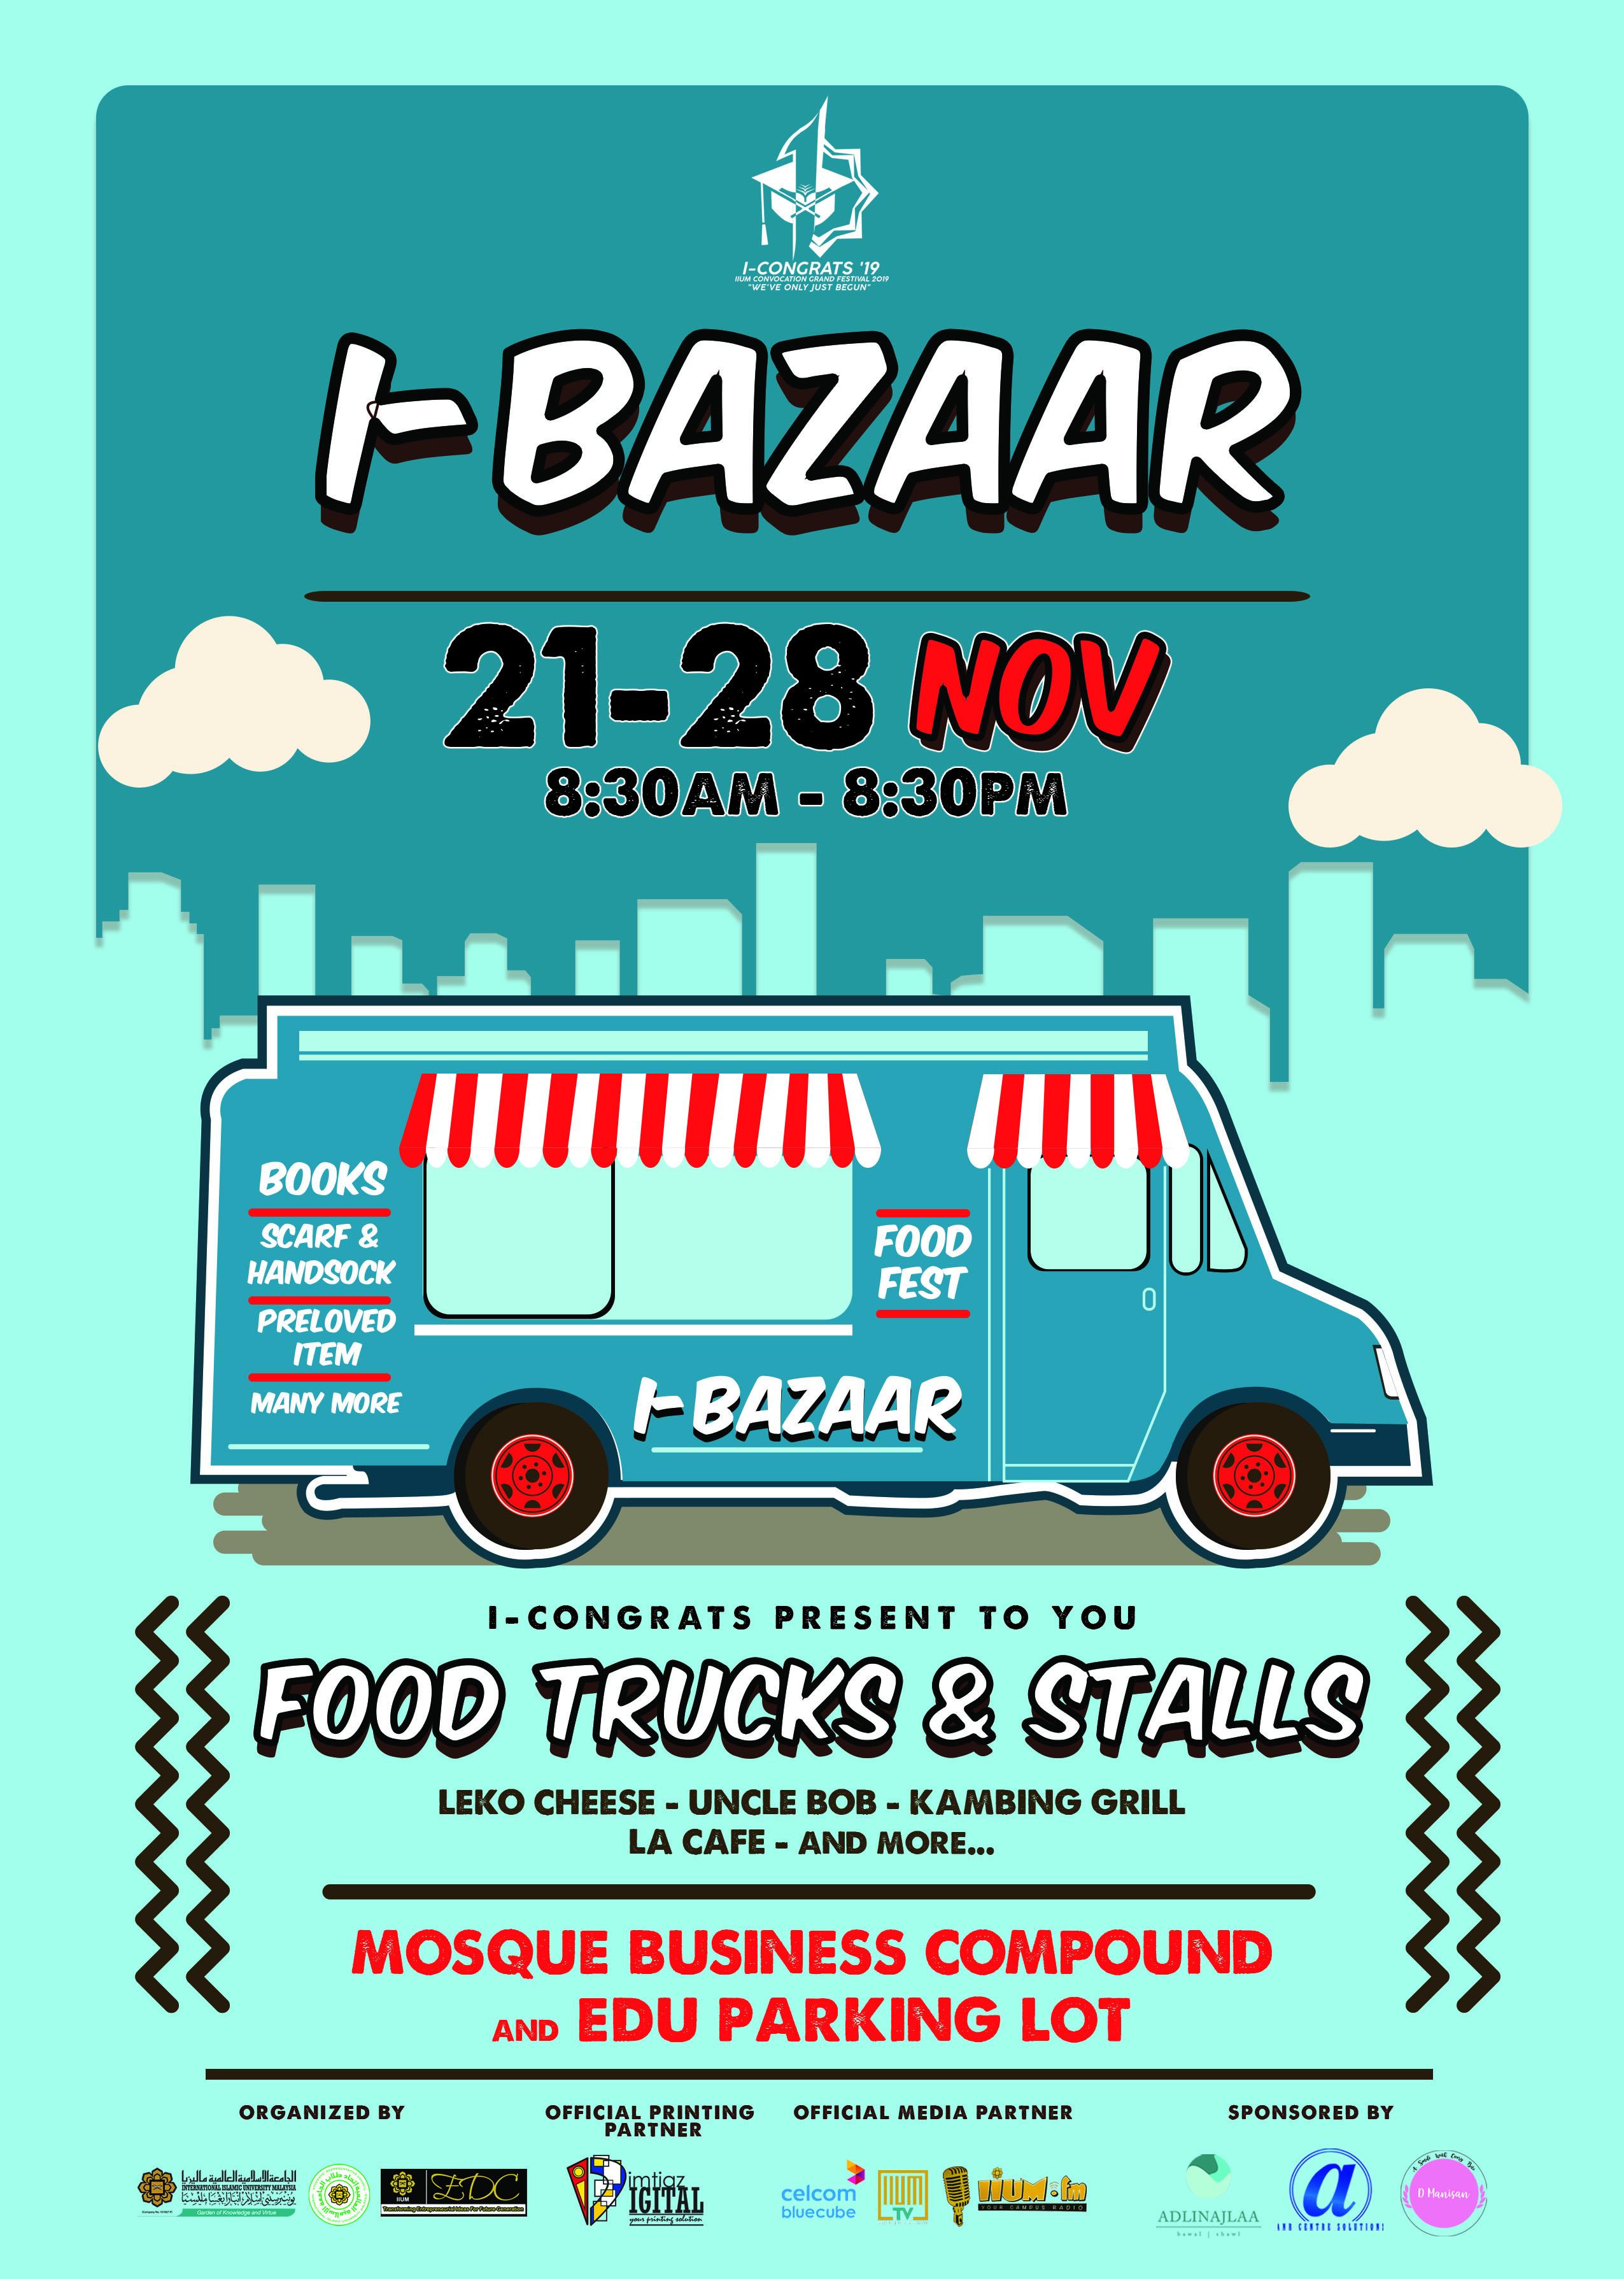 I - Bazaar